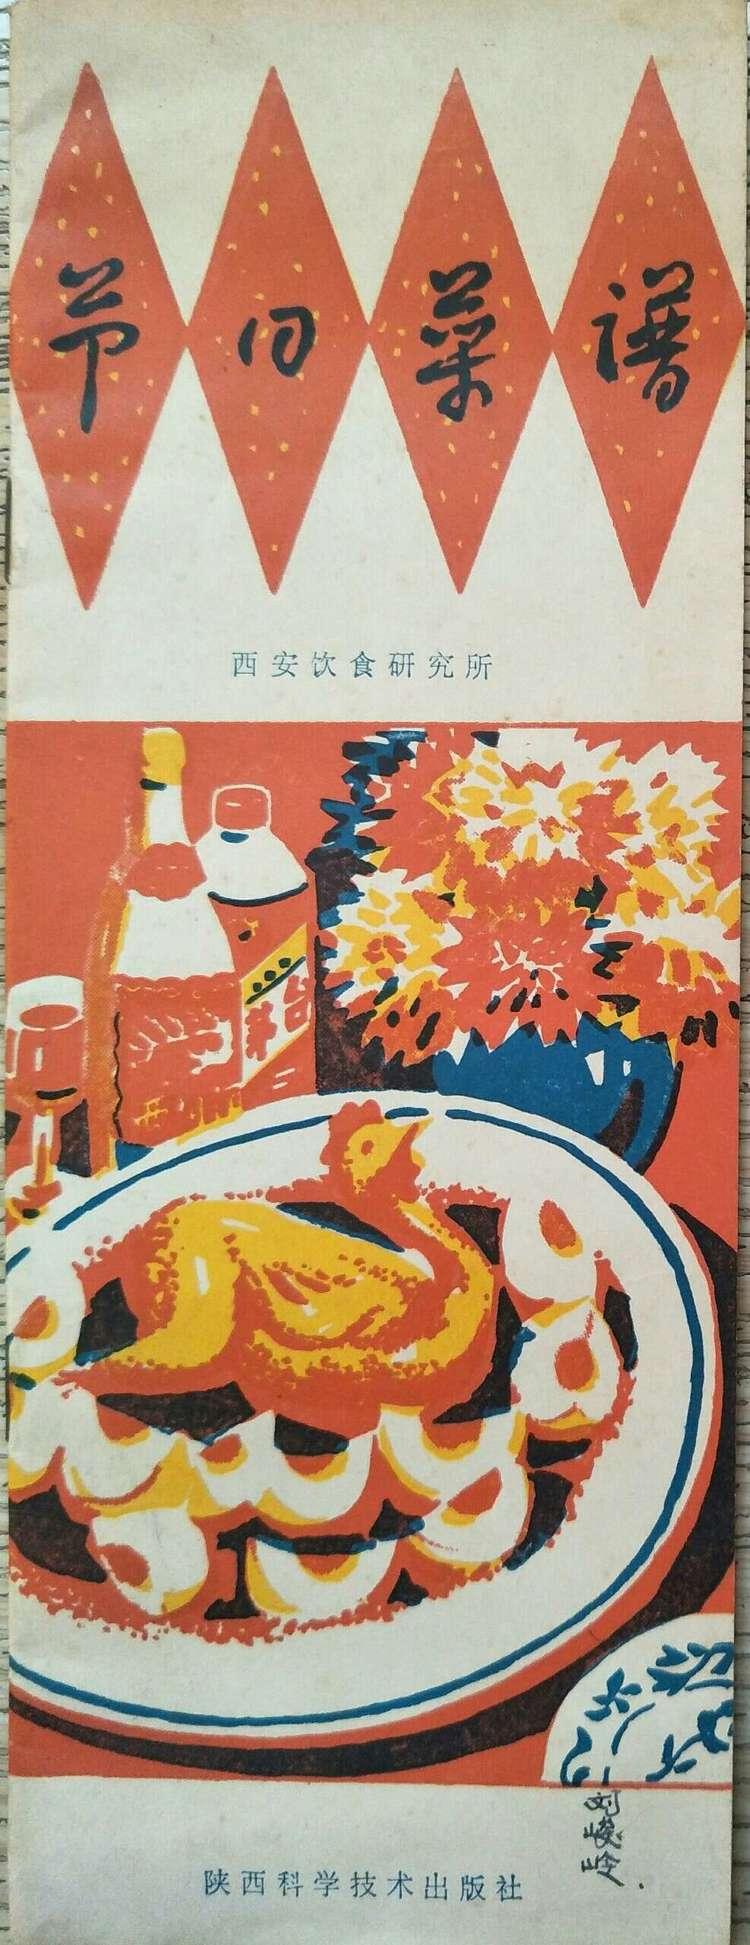 刘峻岭谈陕菜:20世纪80年代的《节日菜谱》